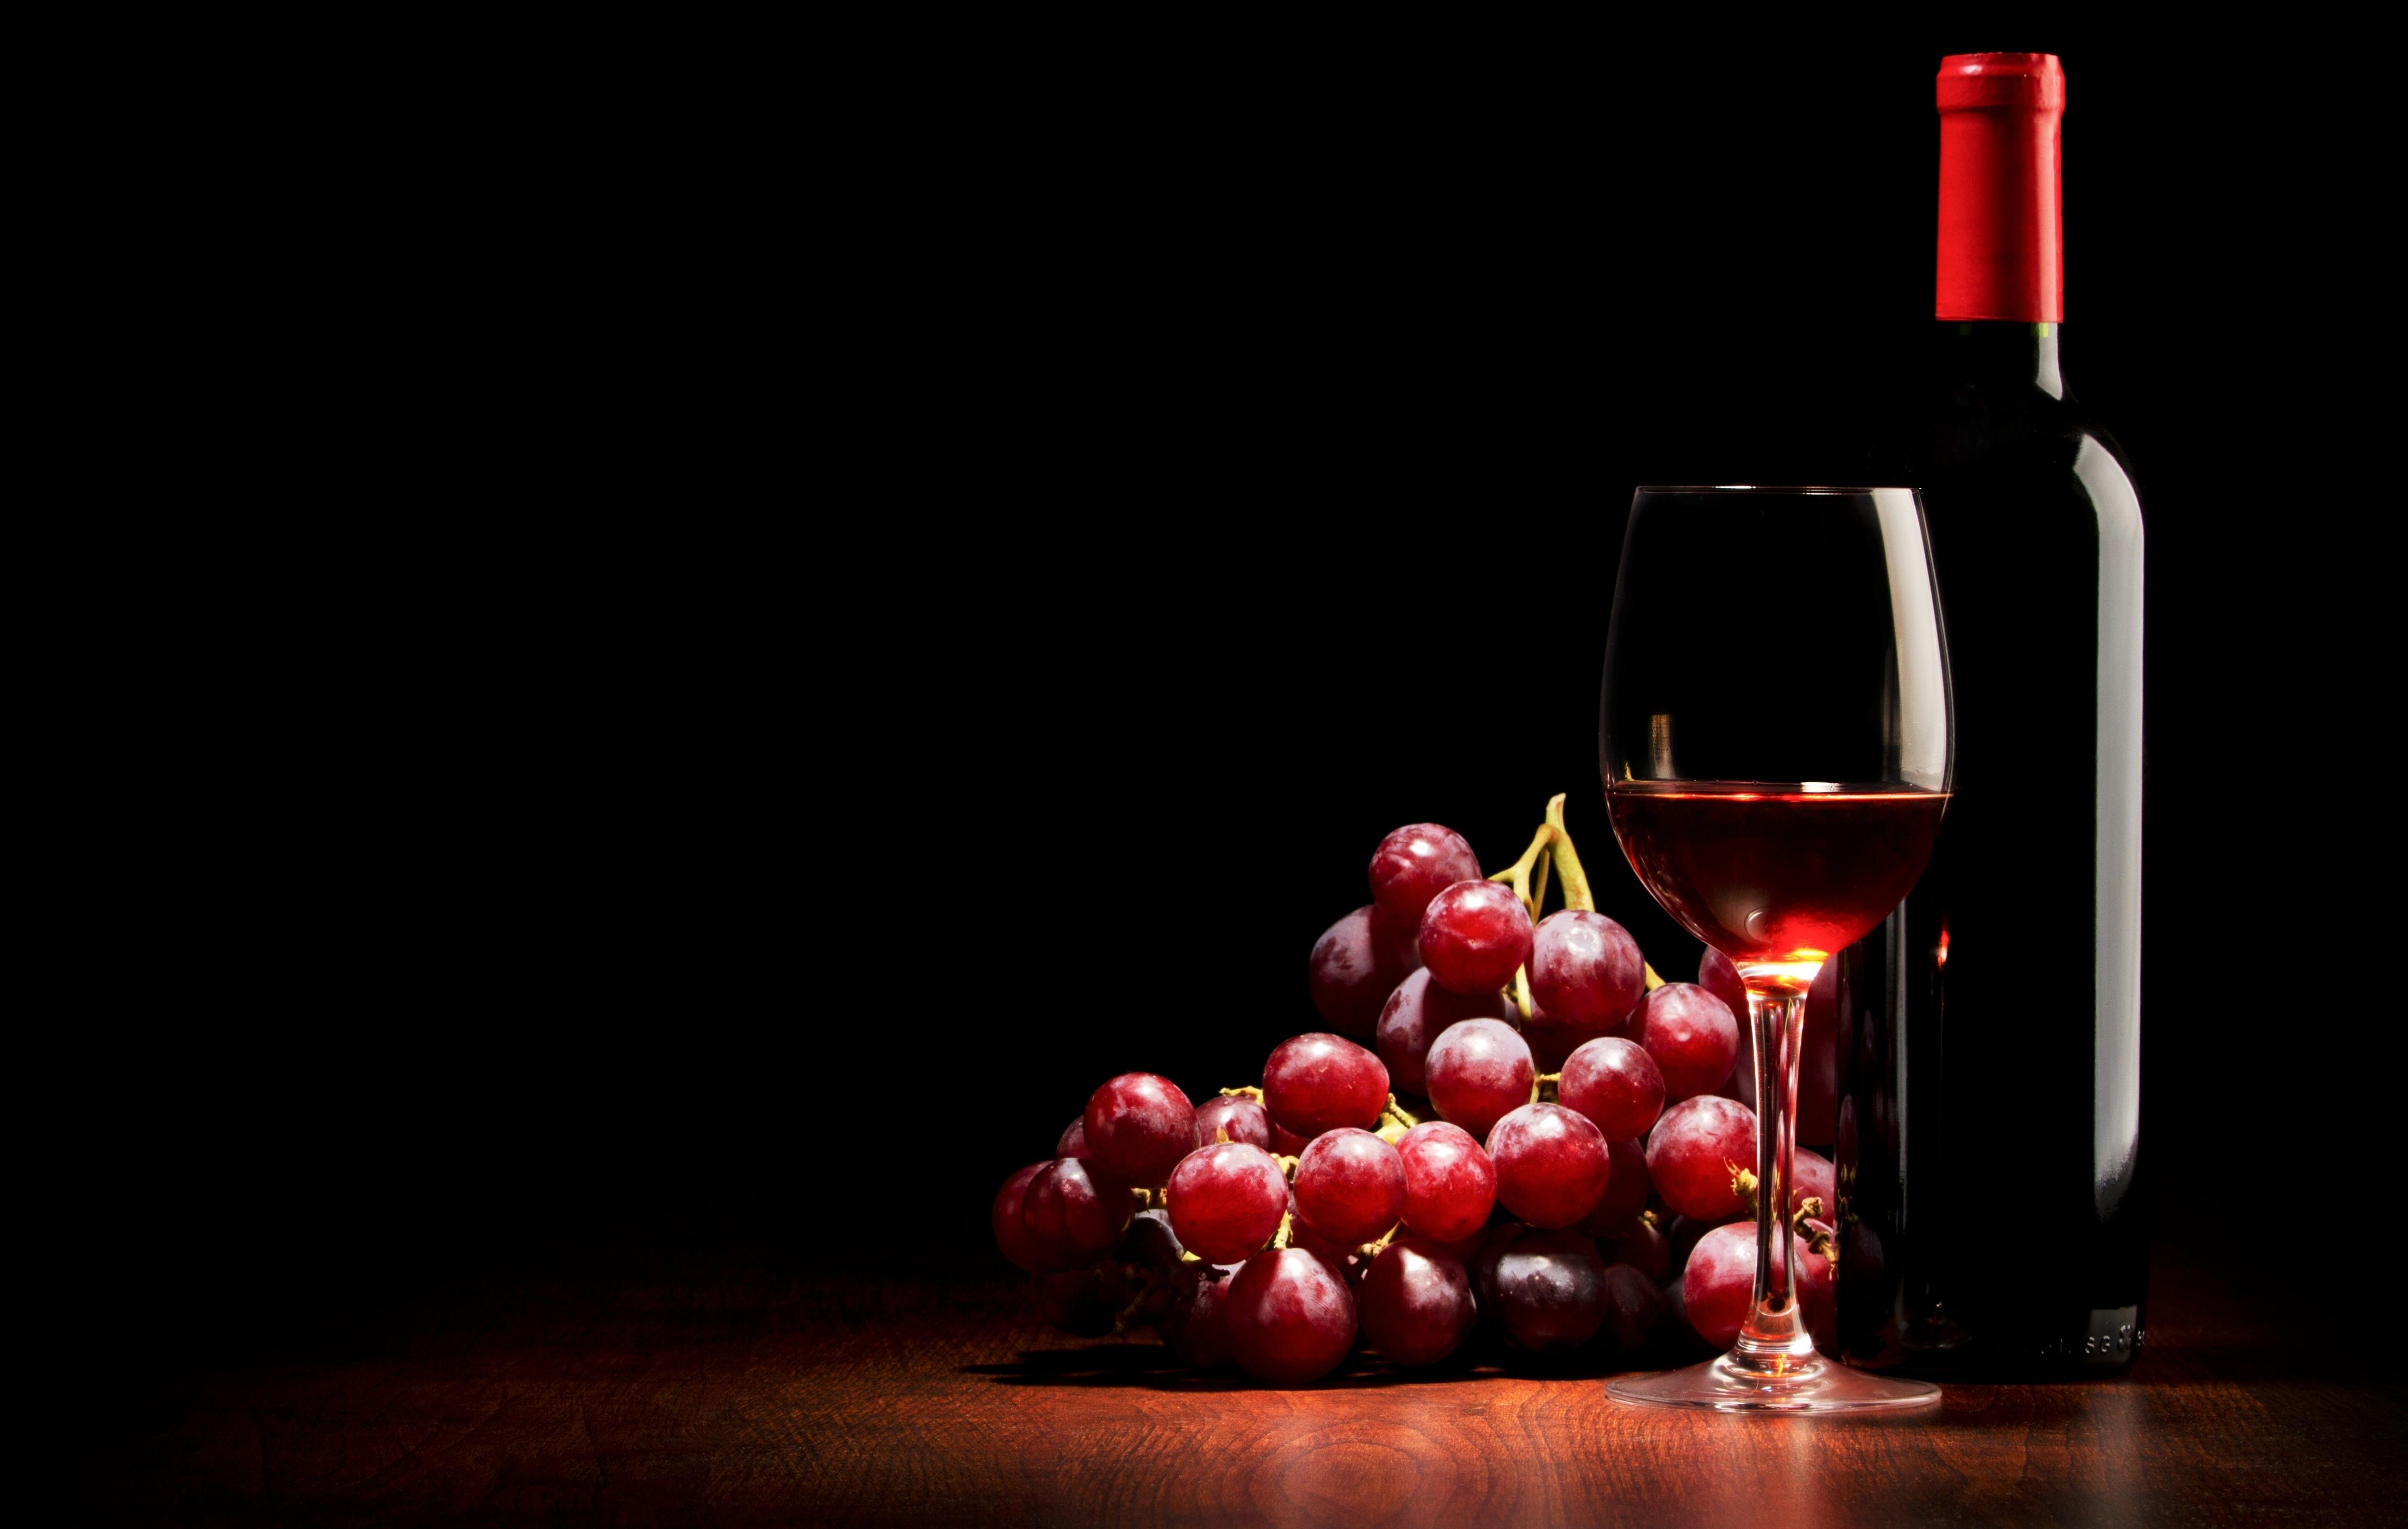 Los mejores refranes sobre vino